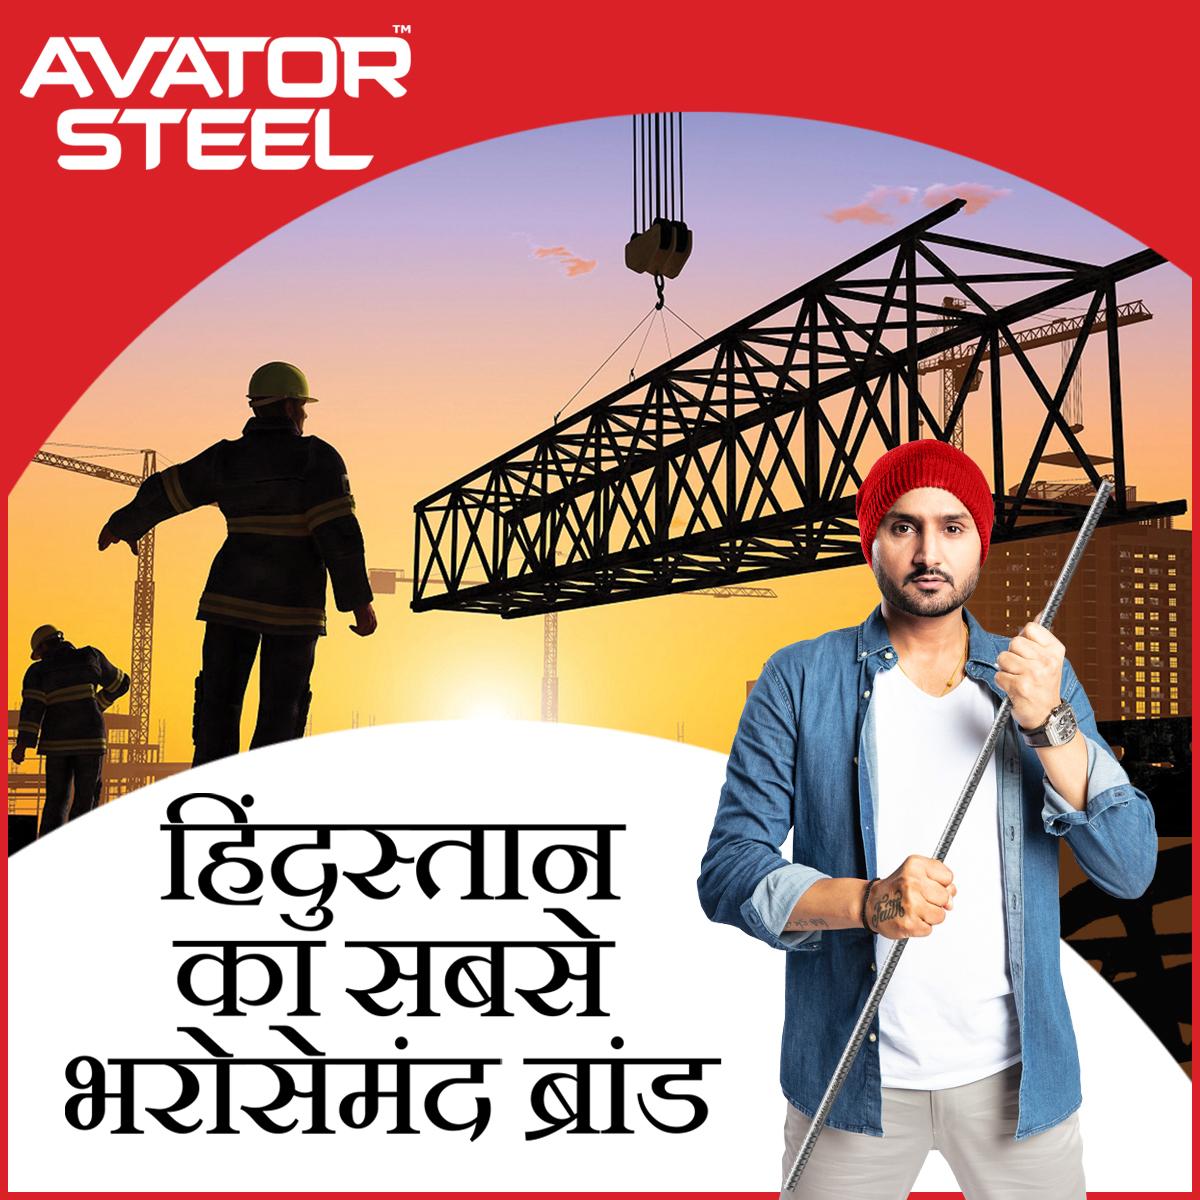 घर का सुरक्षा यानी परिवार का सुरक्षा। Avator Steel घर को दे अंदरूनी शक्ति।  #AvatorSteel #HarbhajanSingh   @harbhajan_singh